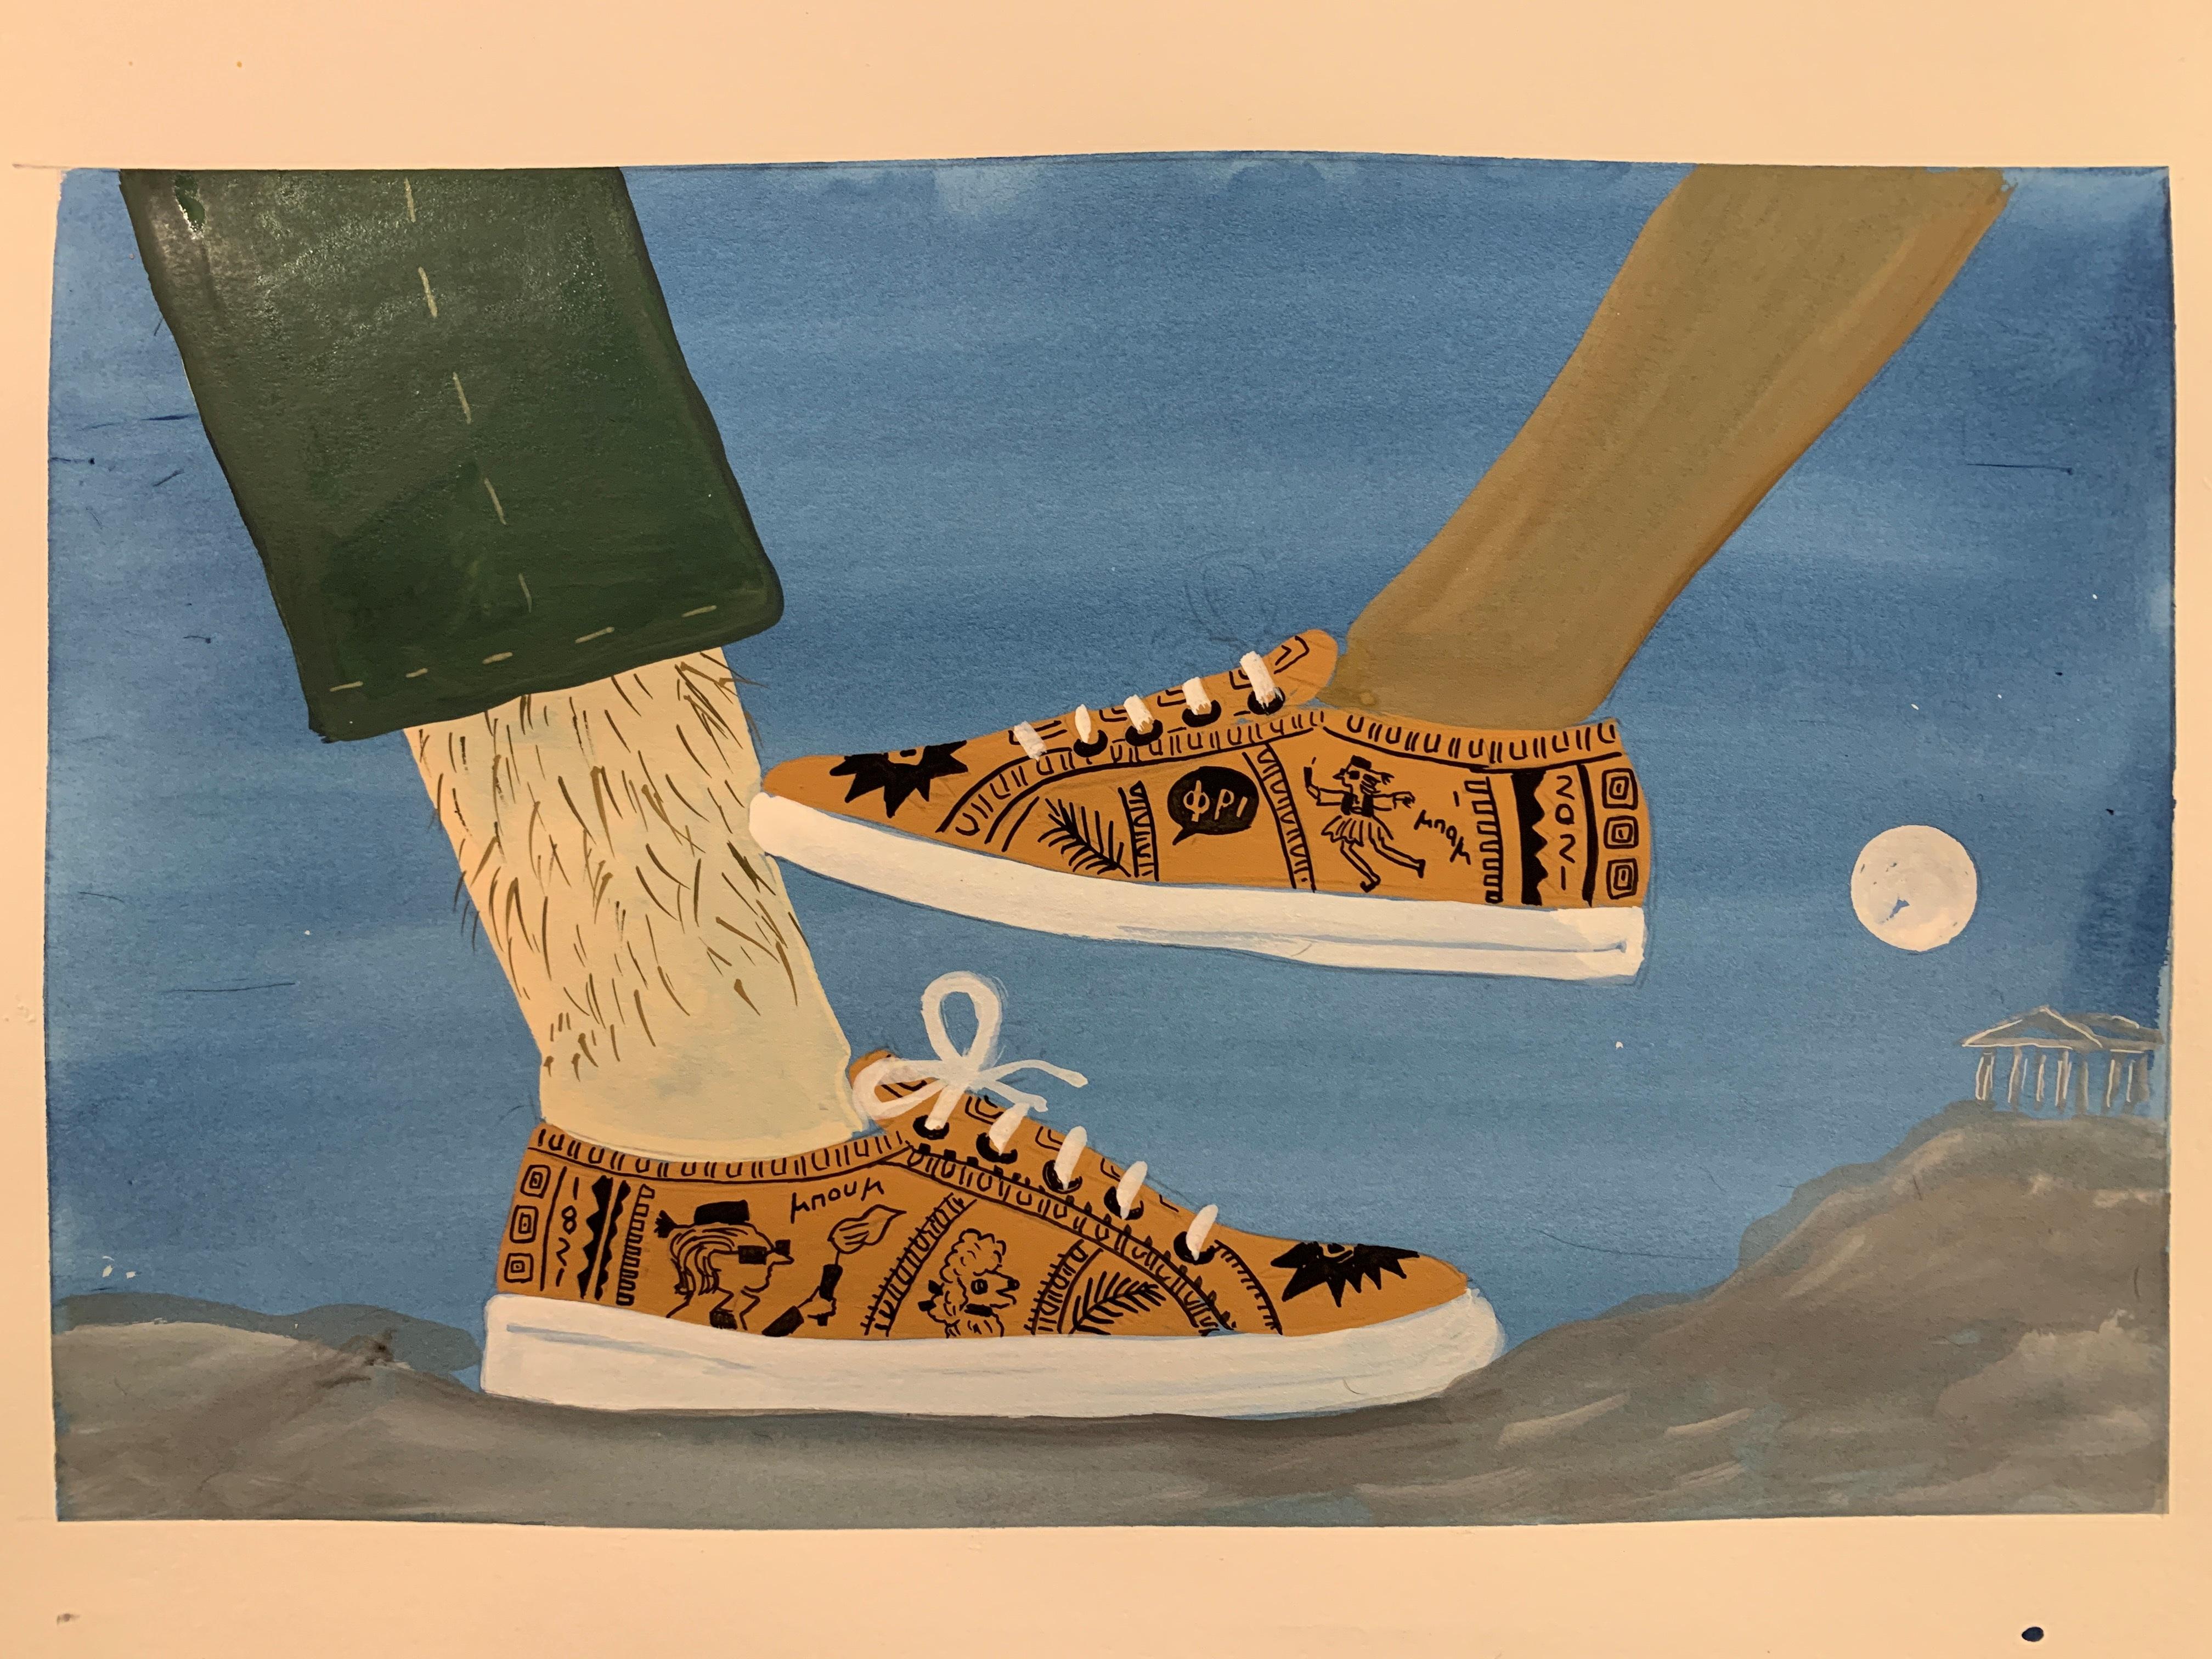 Ένα ιδιαίτερο παπούτσι για τα 200 χρόνια από την ελληνική επανάσταση